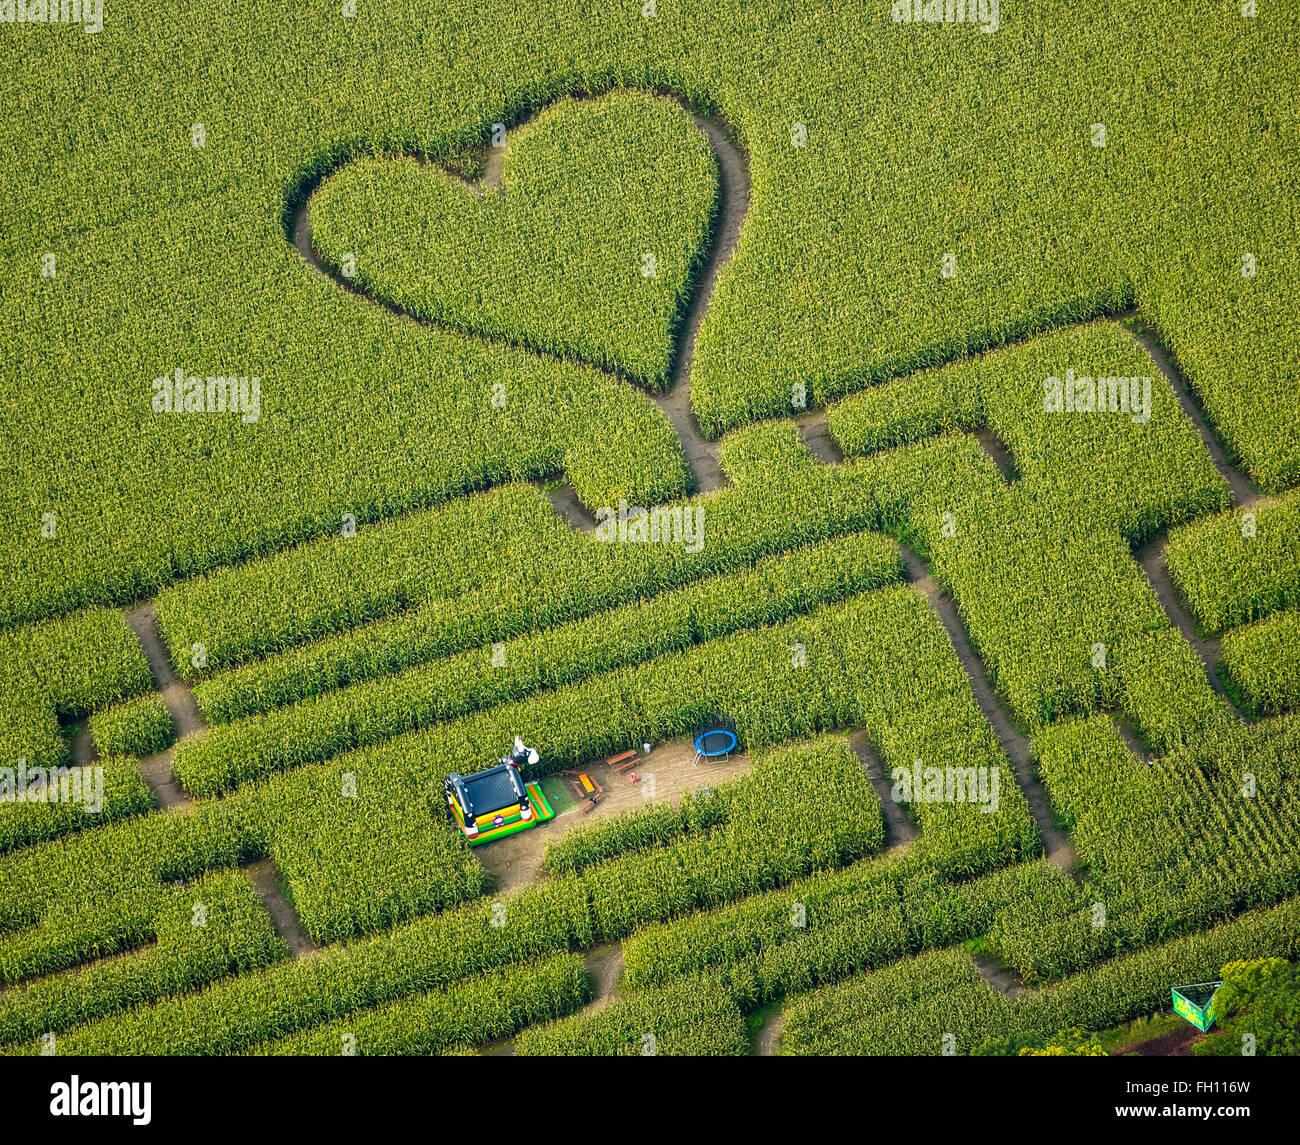 Labyrinth mit Herz im Maisfeld, Maislabyrinth, grünes Herz, Herzform, Herz geformt, Herten, Ruhrgebiet Stockfoto